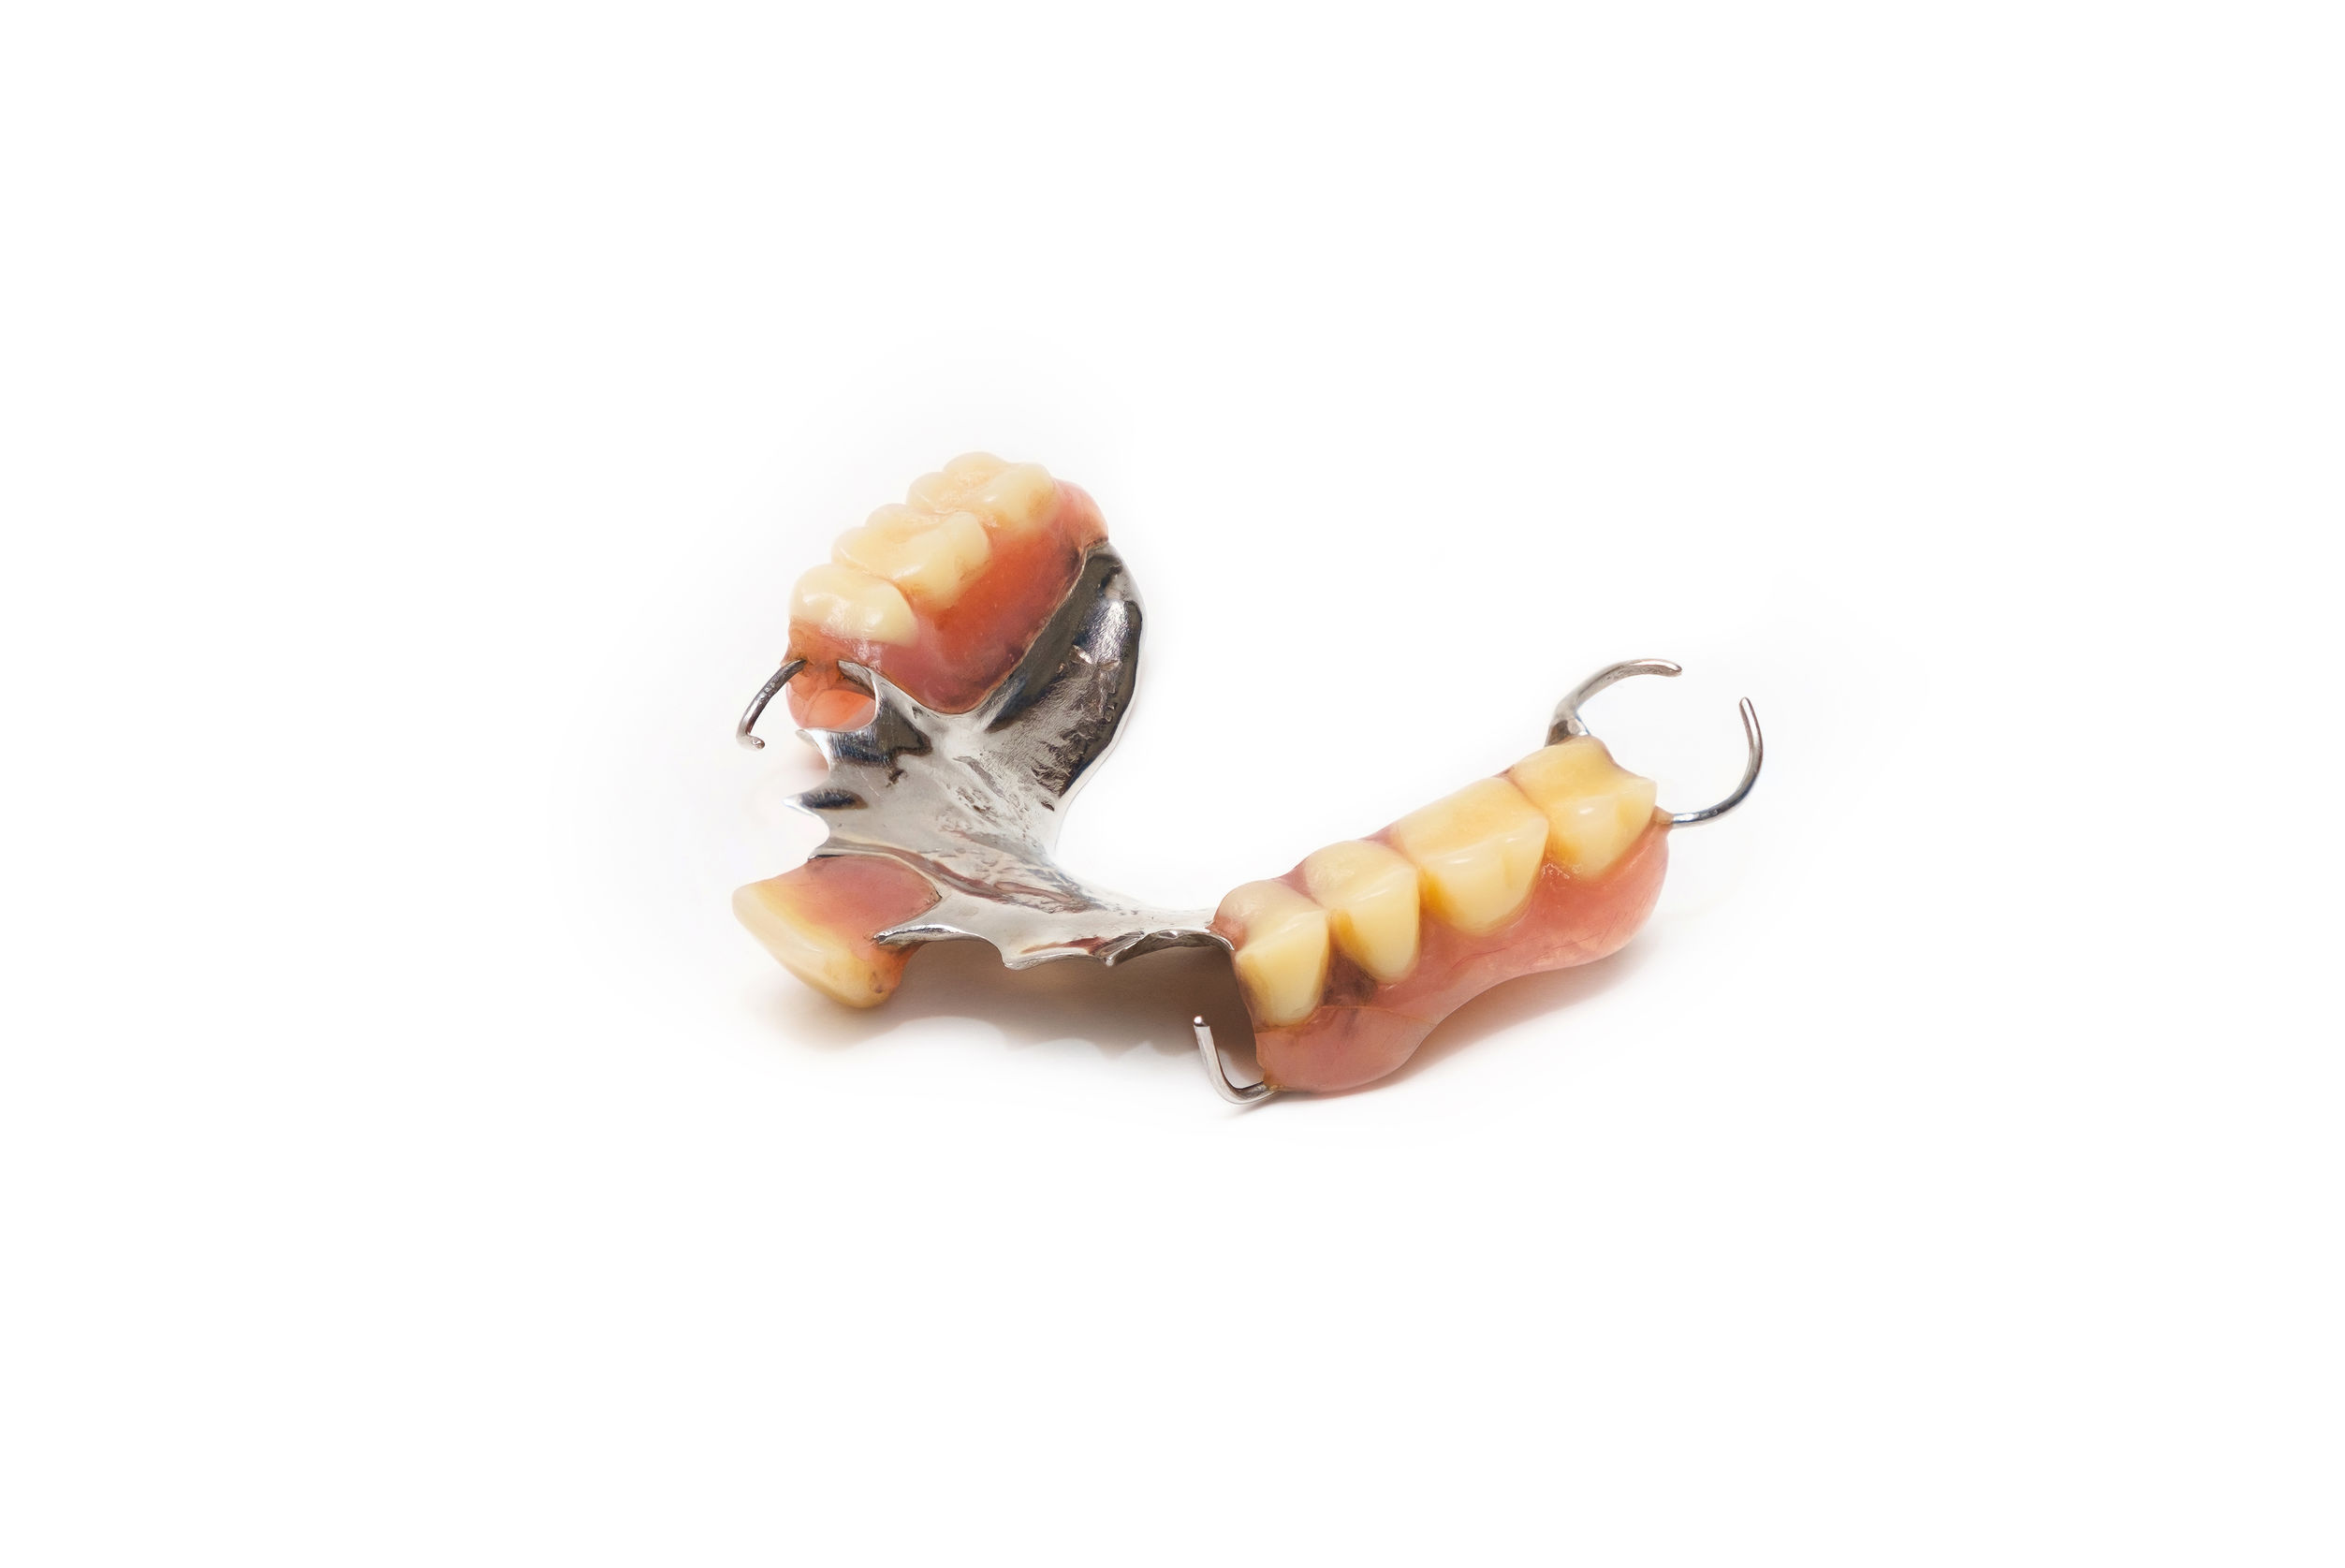 コバルトクロム義歯